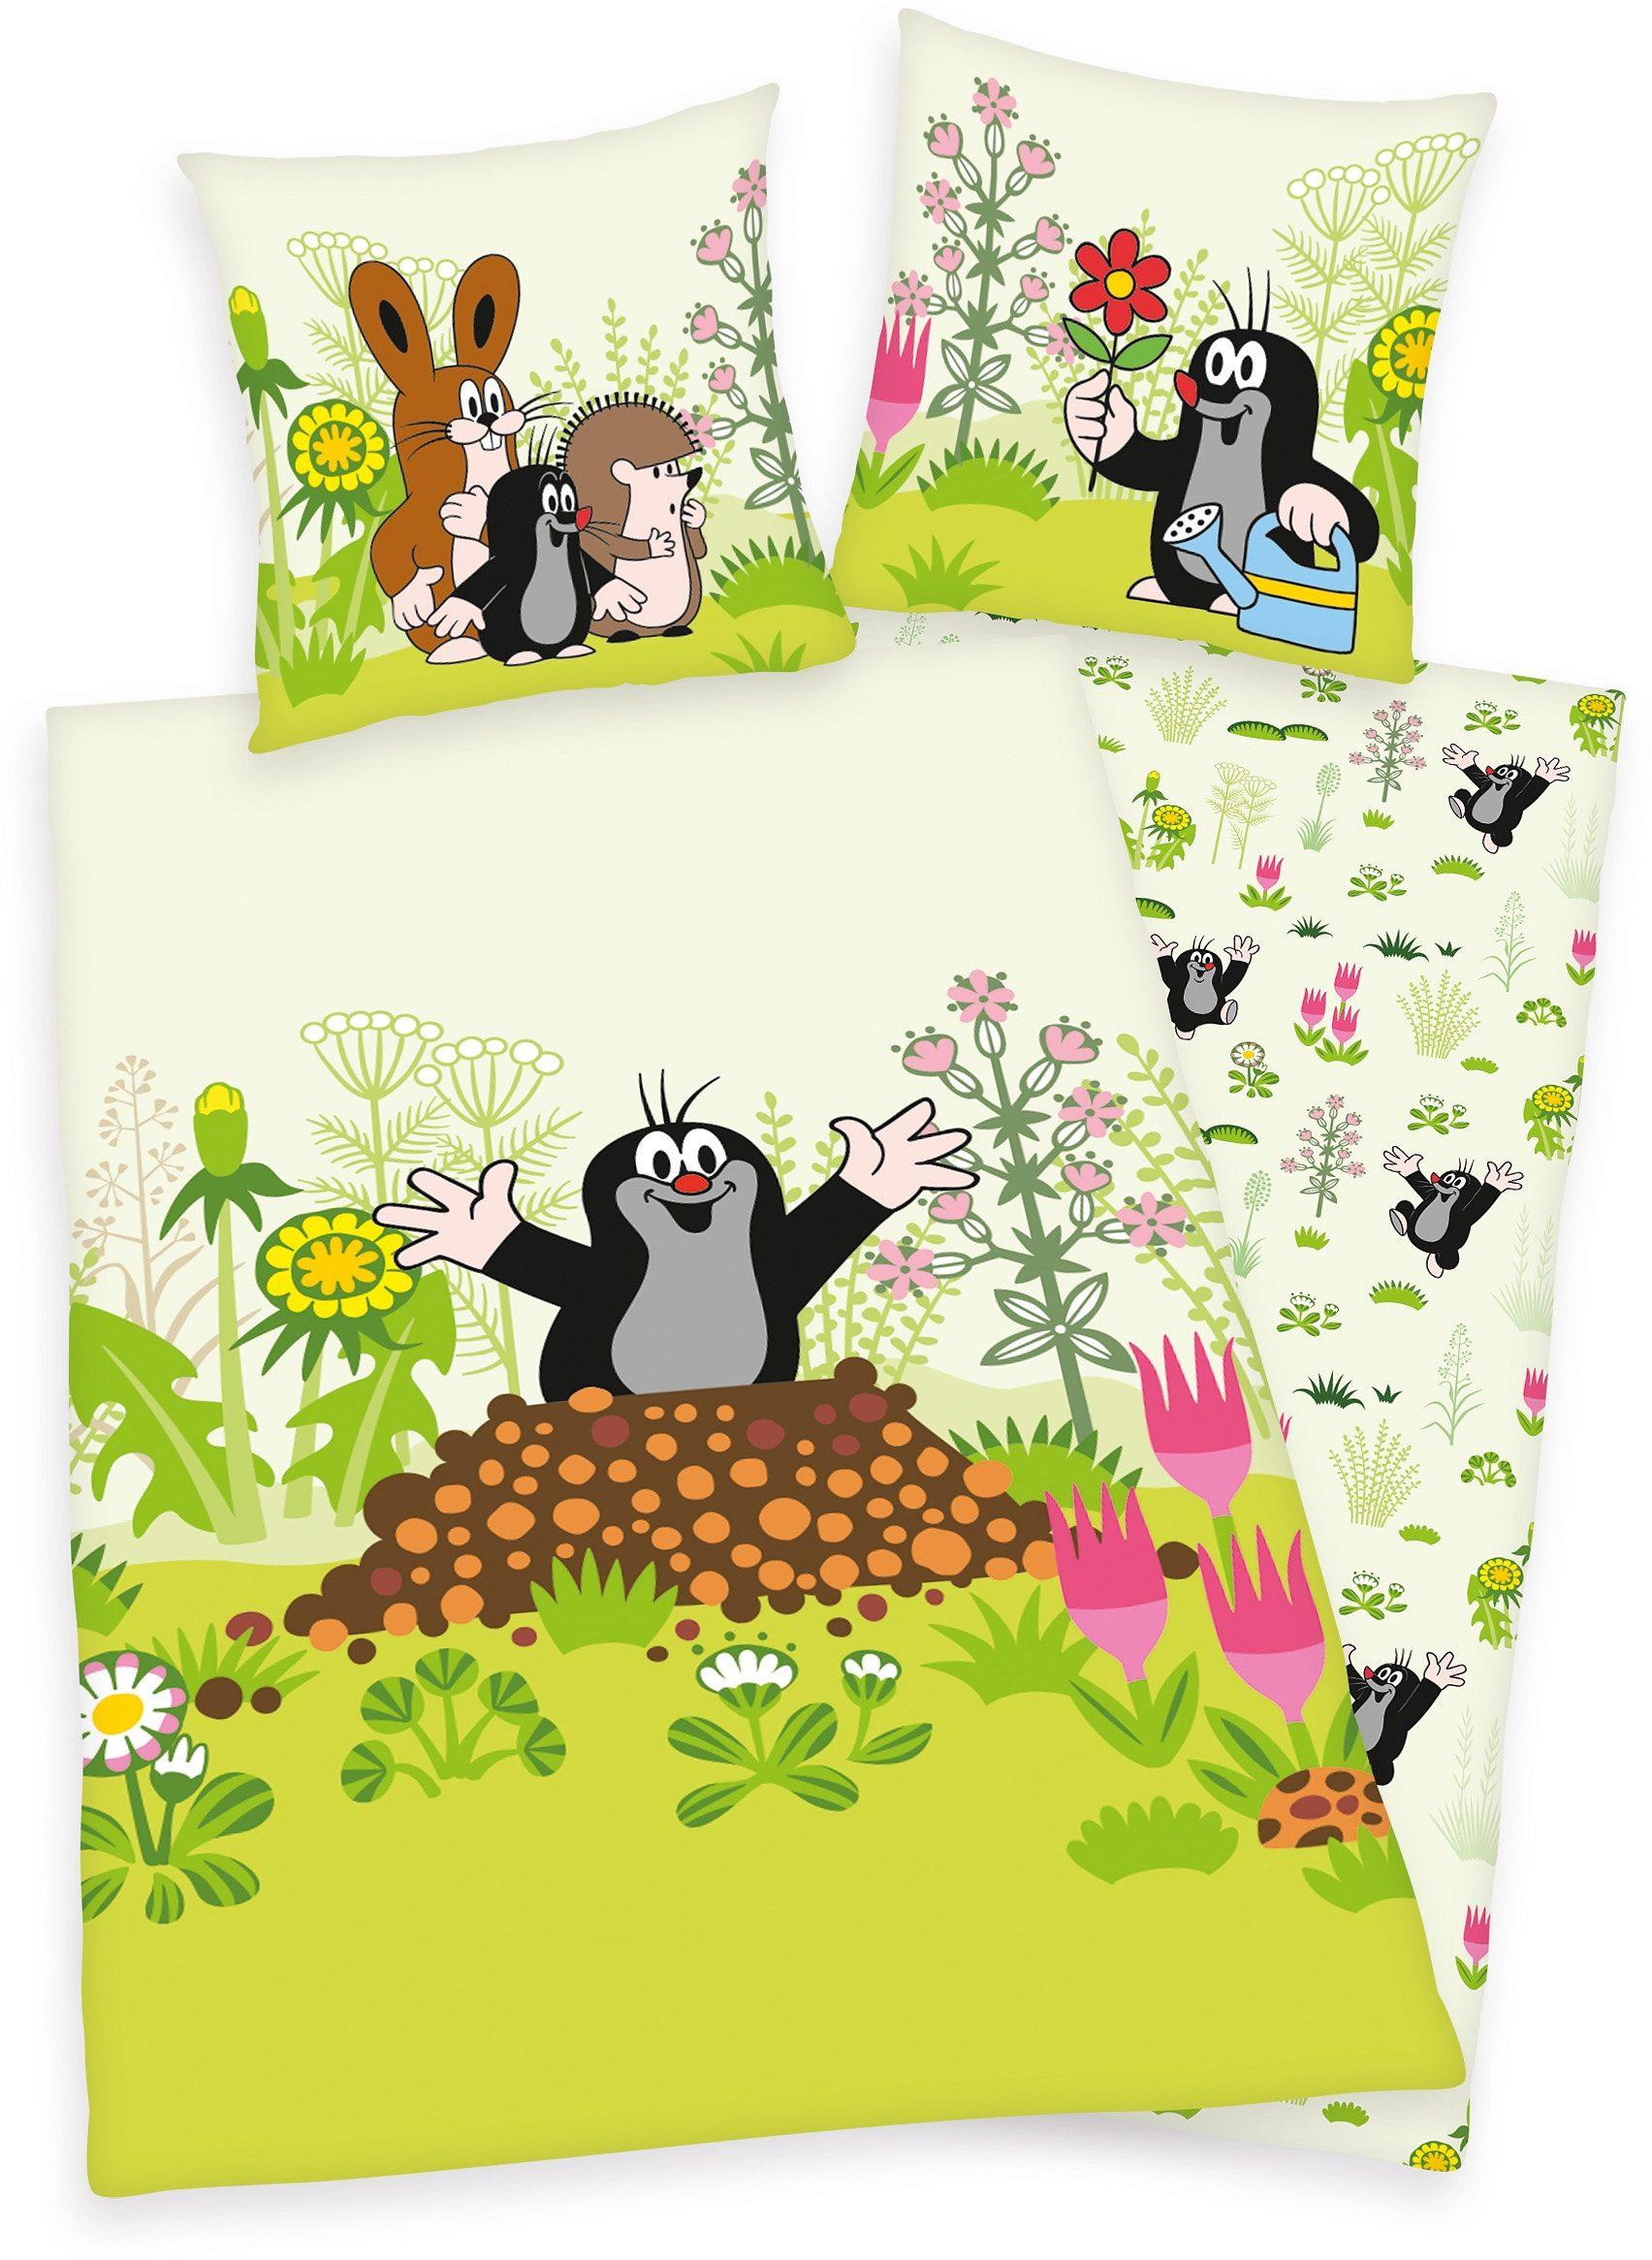 Kinderbettwäsche Der kleine Maulwurf Diverse | Kinderzimmer > Textilien für Kinder > Kinderbettwäsche | Grün | Diverse